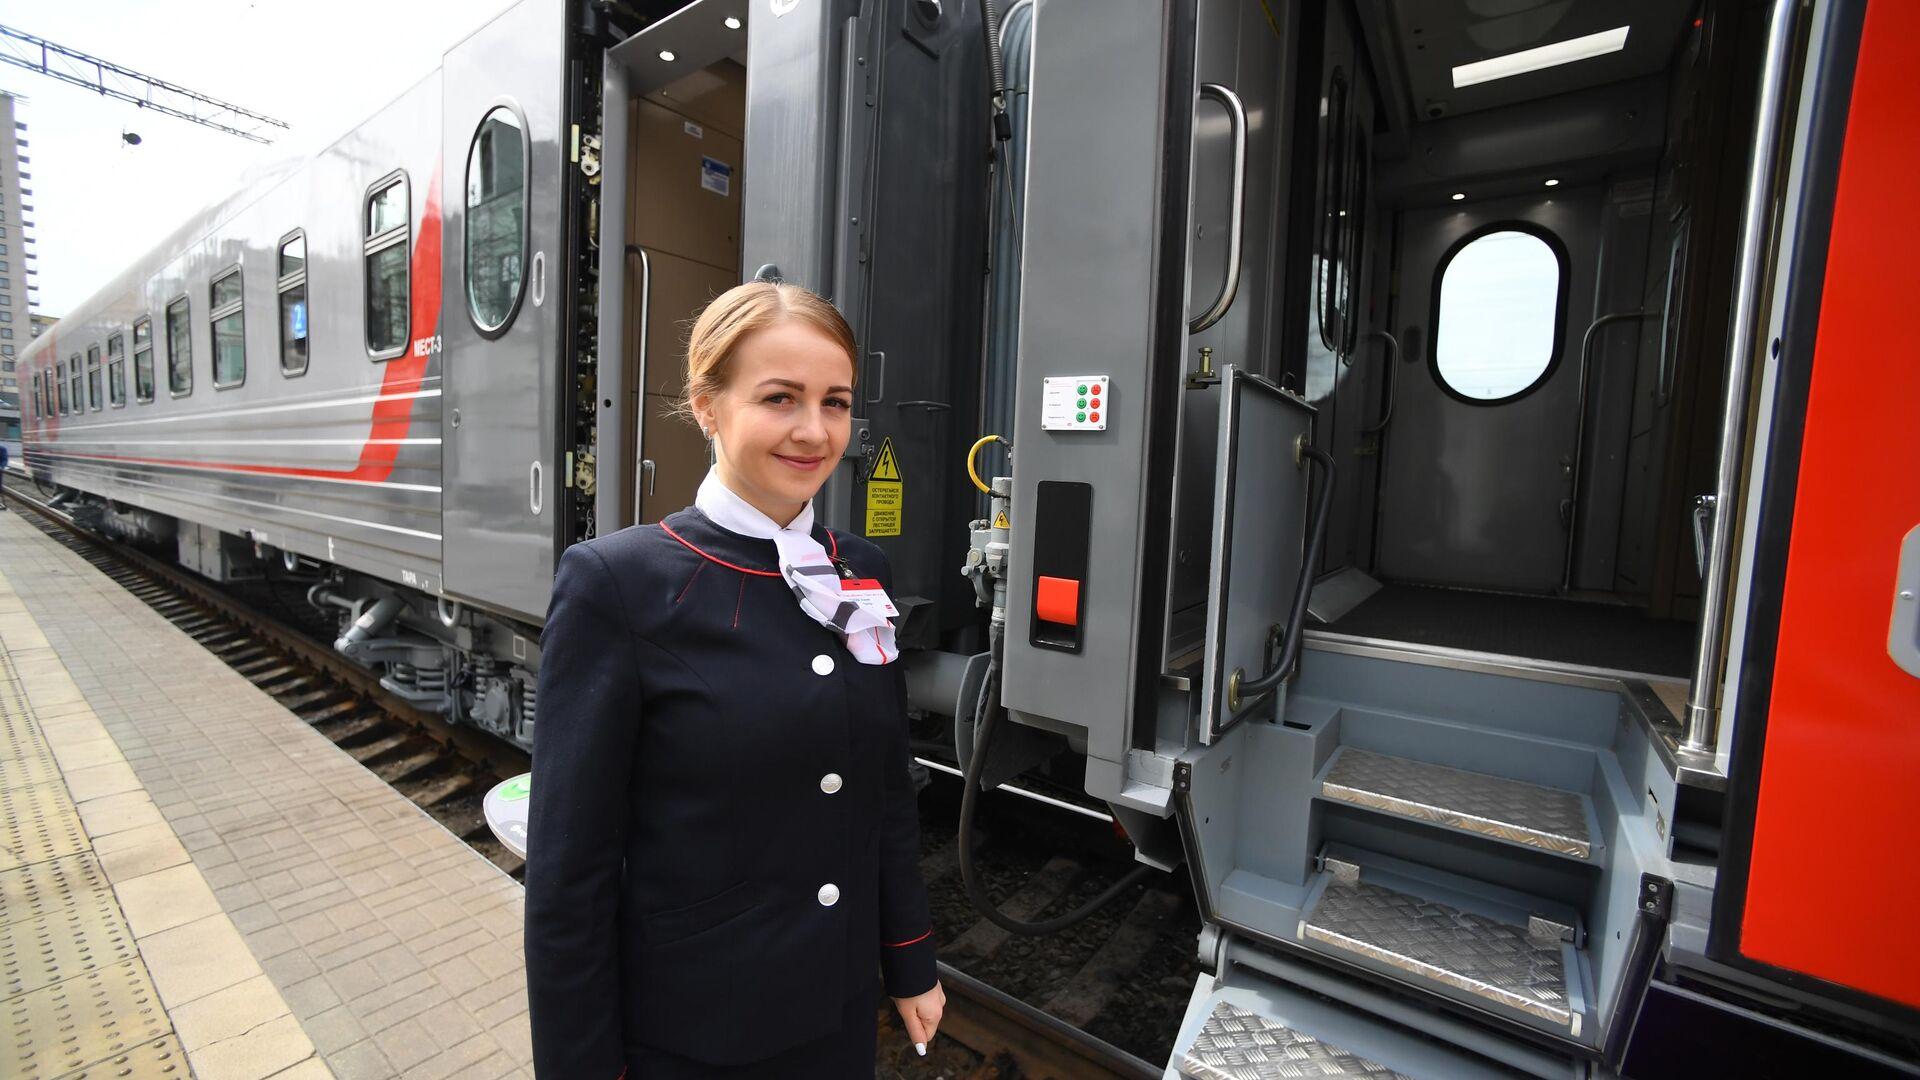 Названы самые популярные города России для путешествий на поезде весной